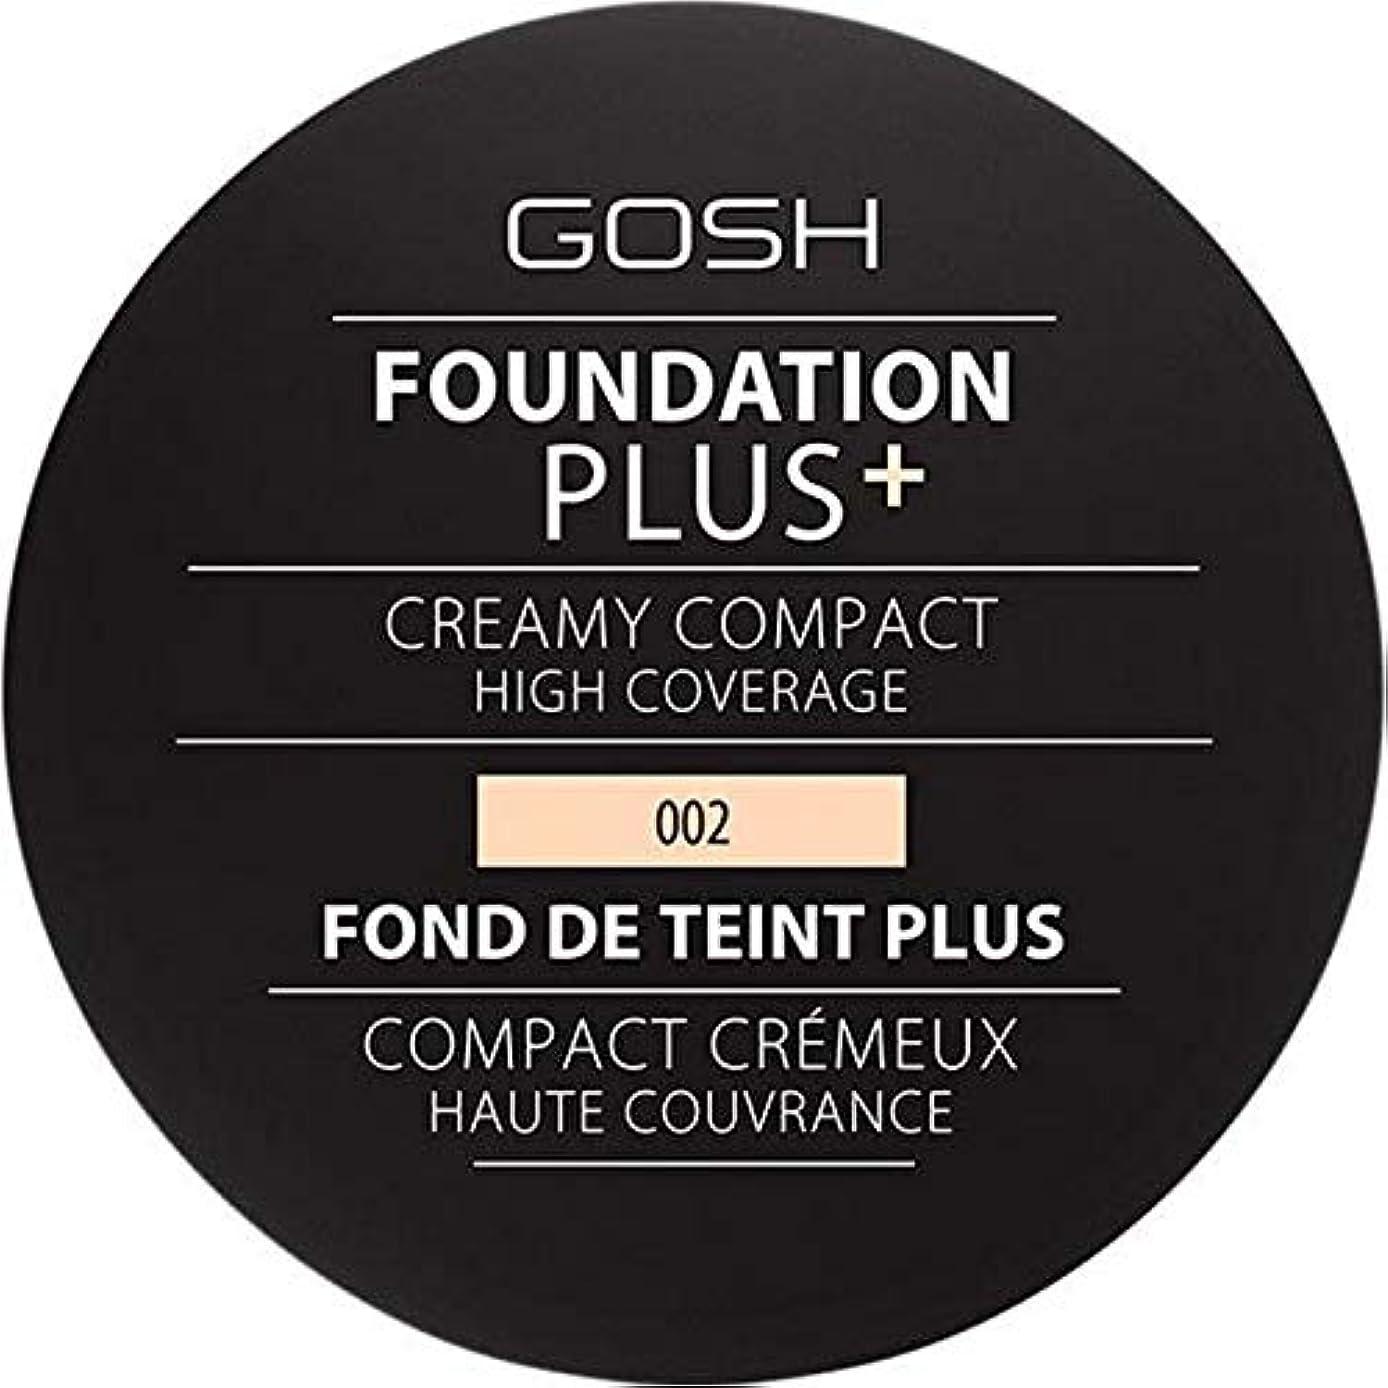 ユダヤ人読みやすいに[GOSH ] 基礎プラス+クリーミーコンパクトアイボリー002 - Foundation Plus+ Creamy Compact Ivory 002 [並行輸入品]